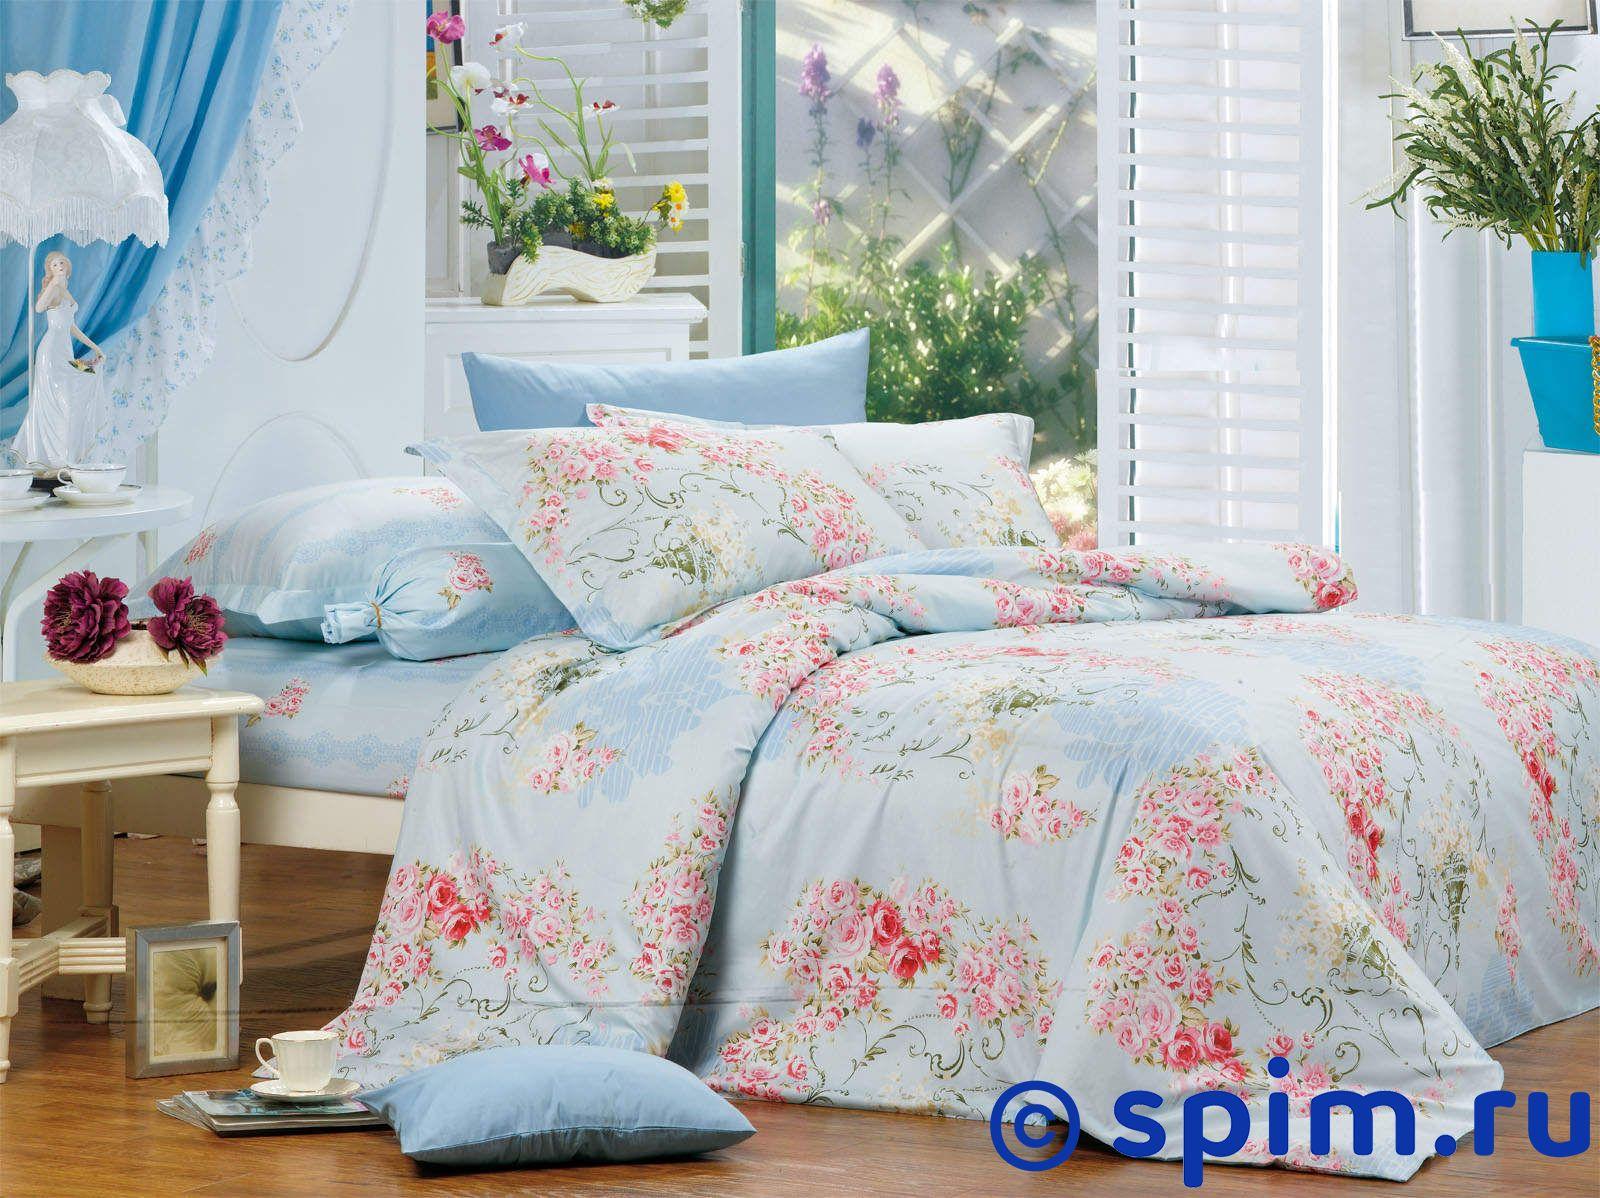 Комплект СайлиД В94 (2) 1.5 спальное